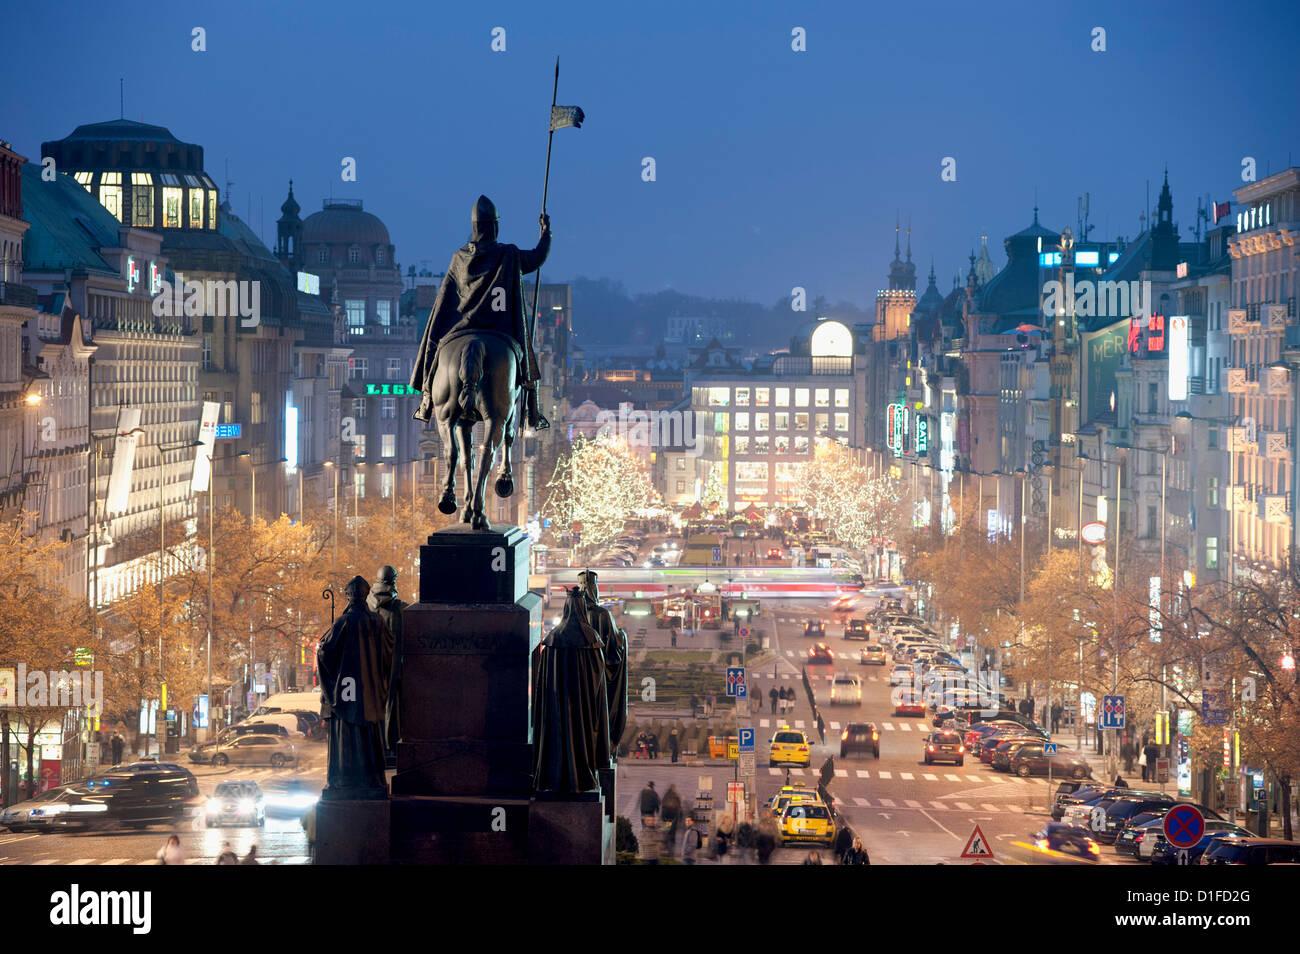 La estatua de San Venceslao y la Plaza Wenceslao en la penumbra, Nove Mesto, Praga, República Checa, Europa Imagen De Stock